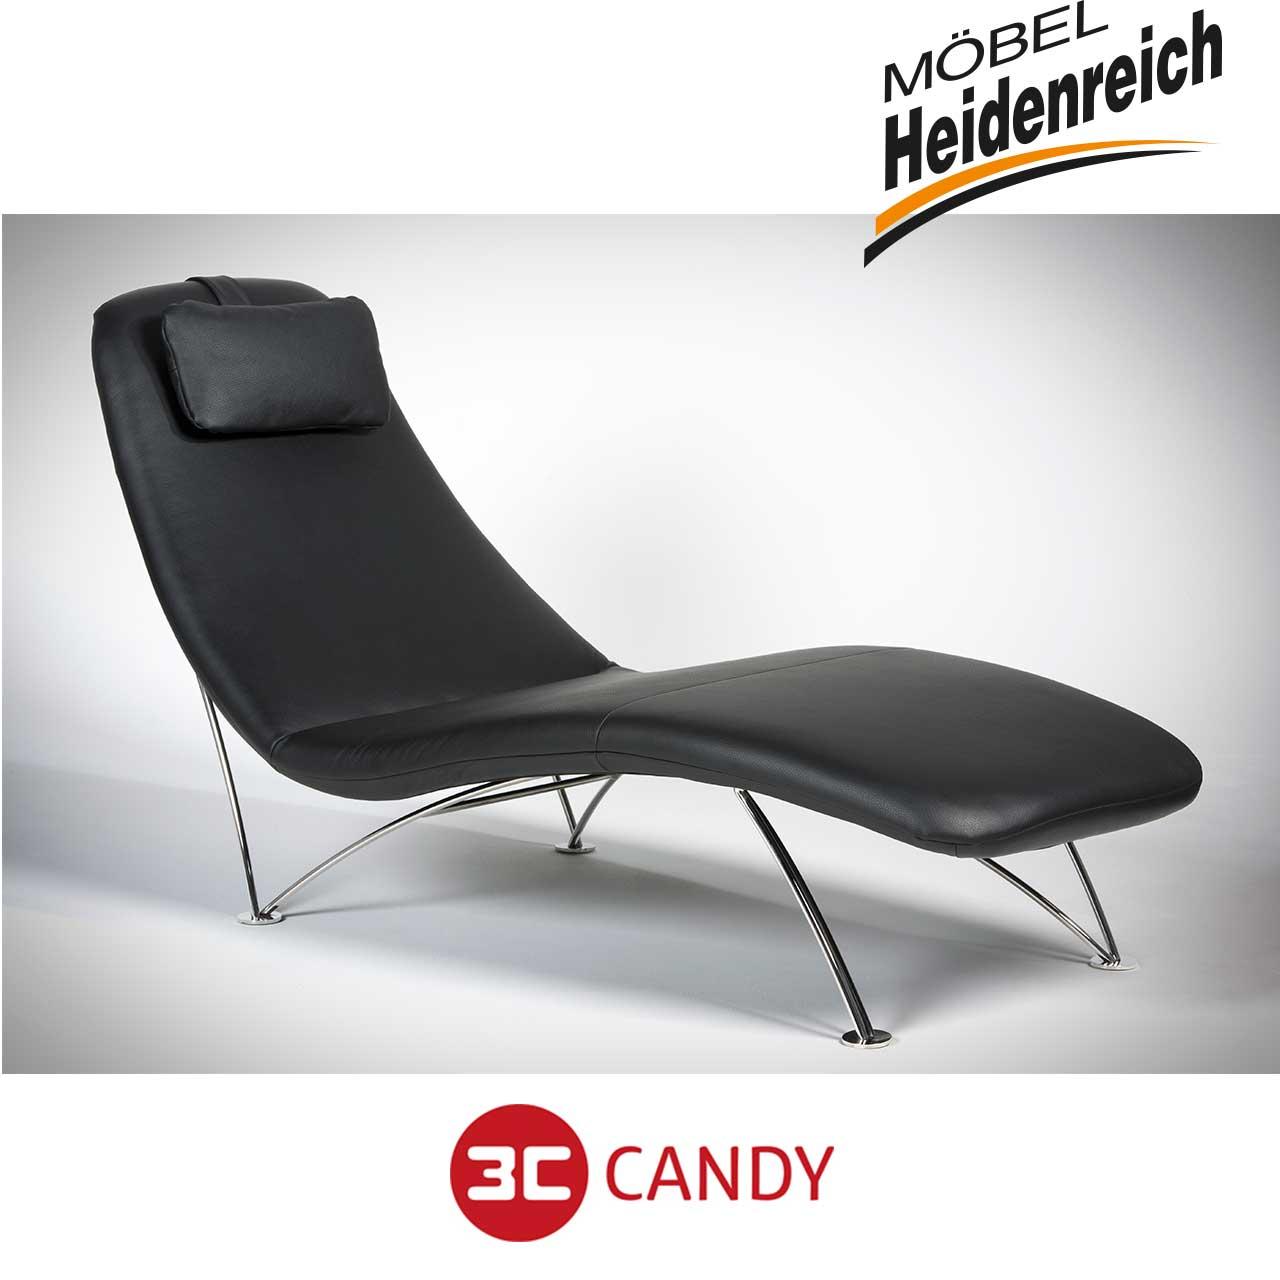 sessel sale m bel heidenreich. Black Bedroom Furniture Sets. Home Design Ideas